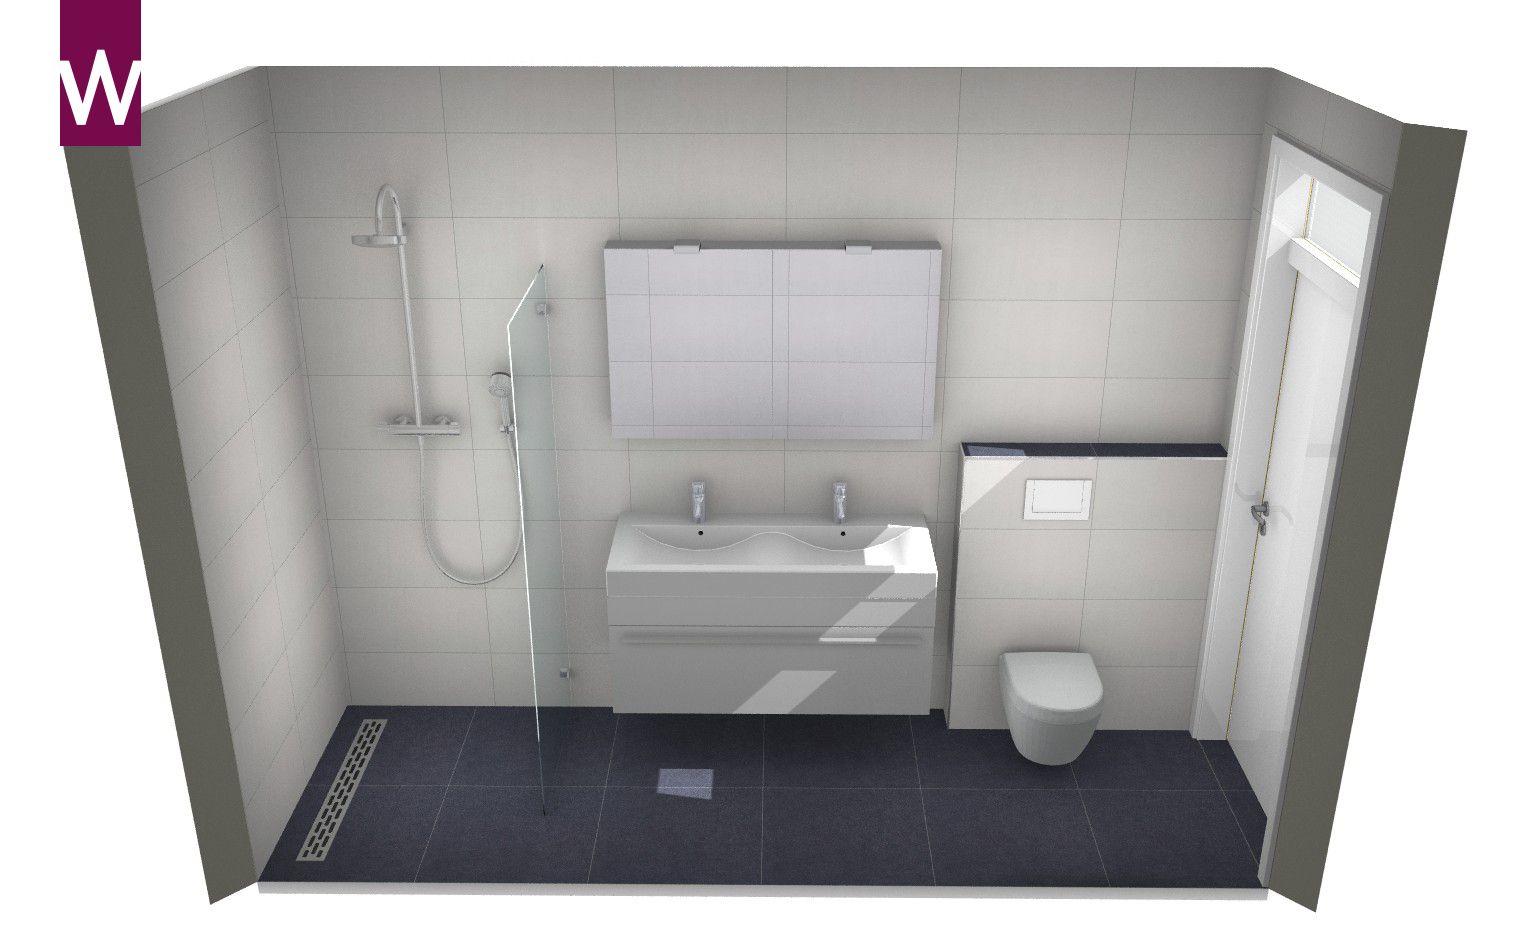 Kleine Badkamer Inspiratie : Kleine badkamer inrichten? inspiratie voor de kleine badkamers